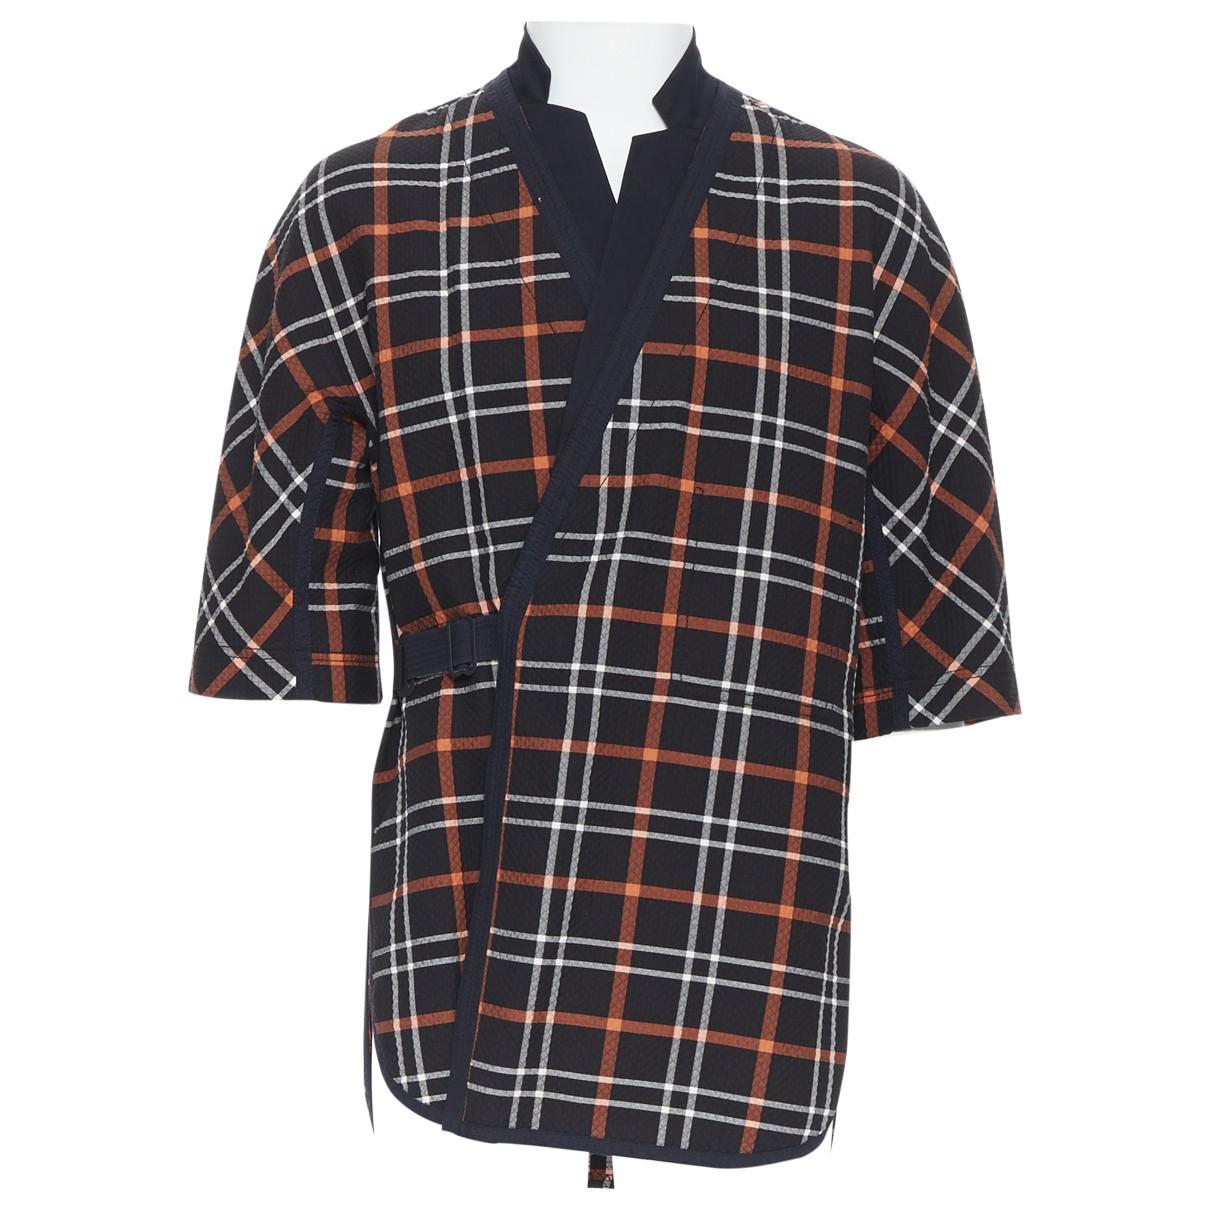 3.1 Phillip Lim - Chemises   pour homme en coton - noir